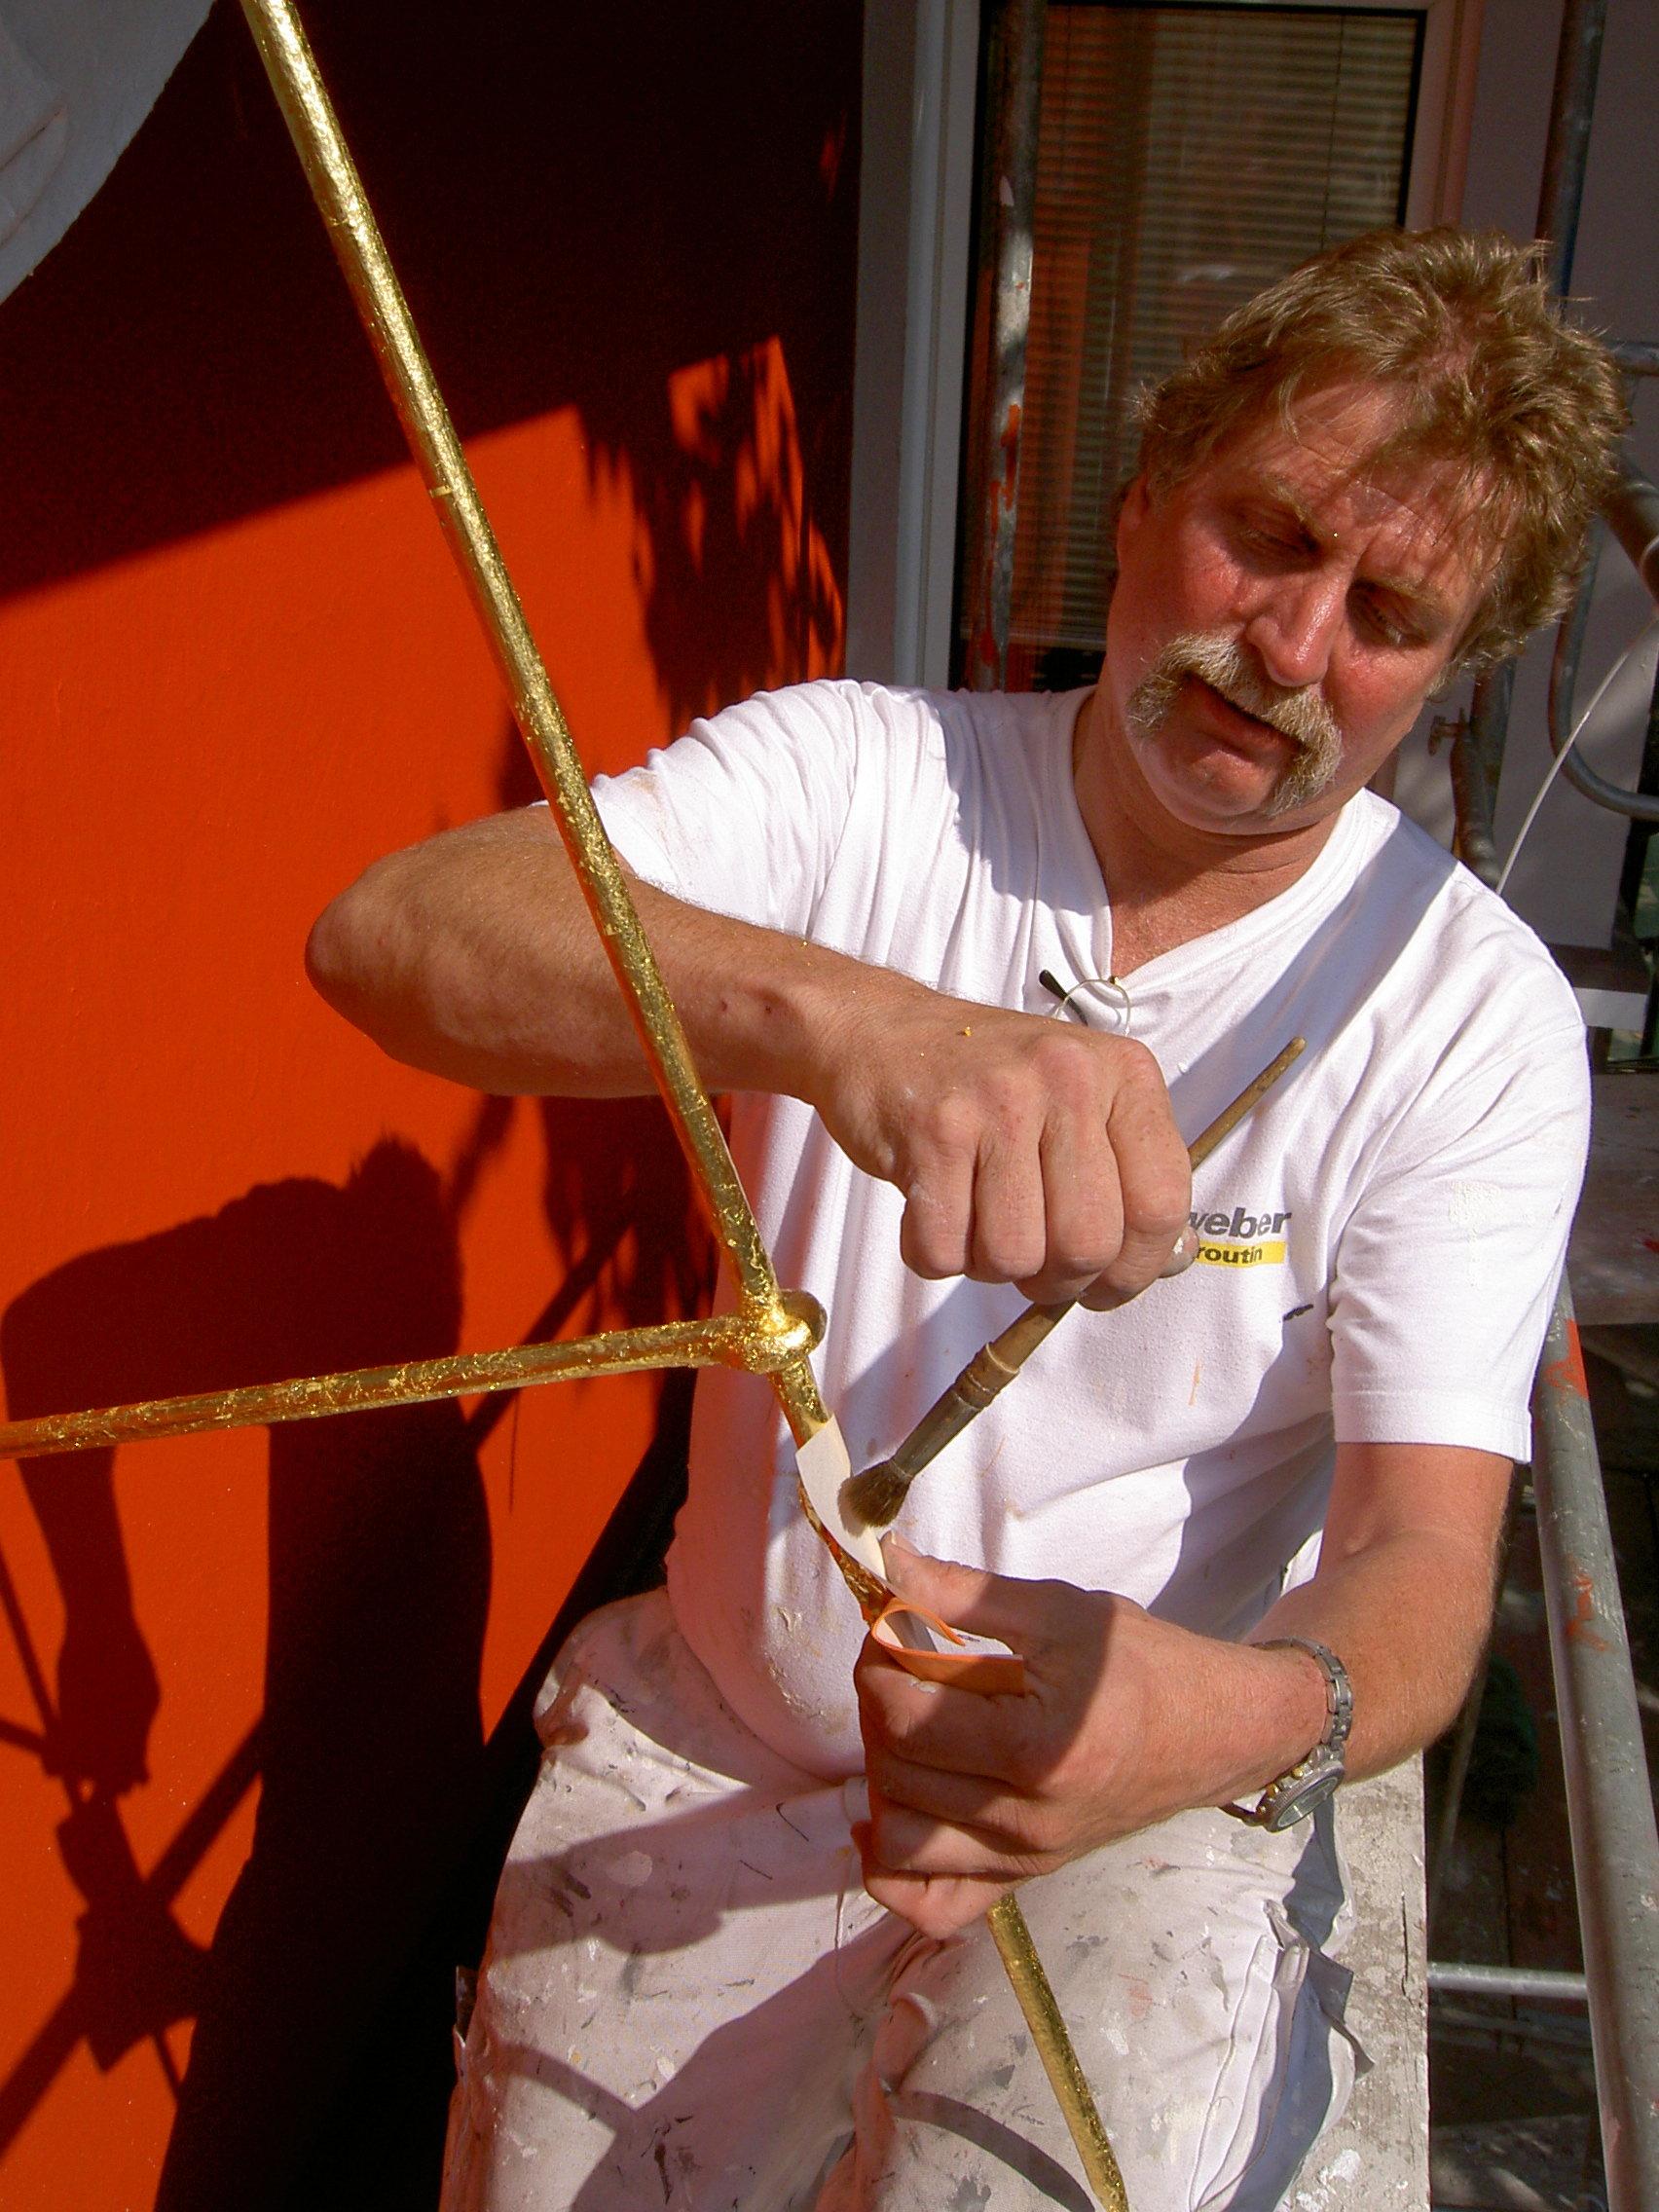 Maler Drewes Fassadengestaltung